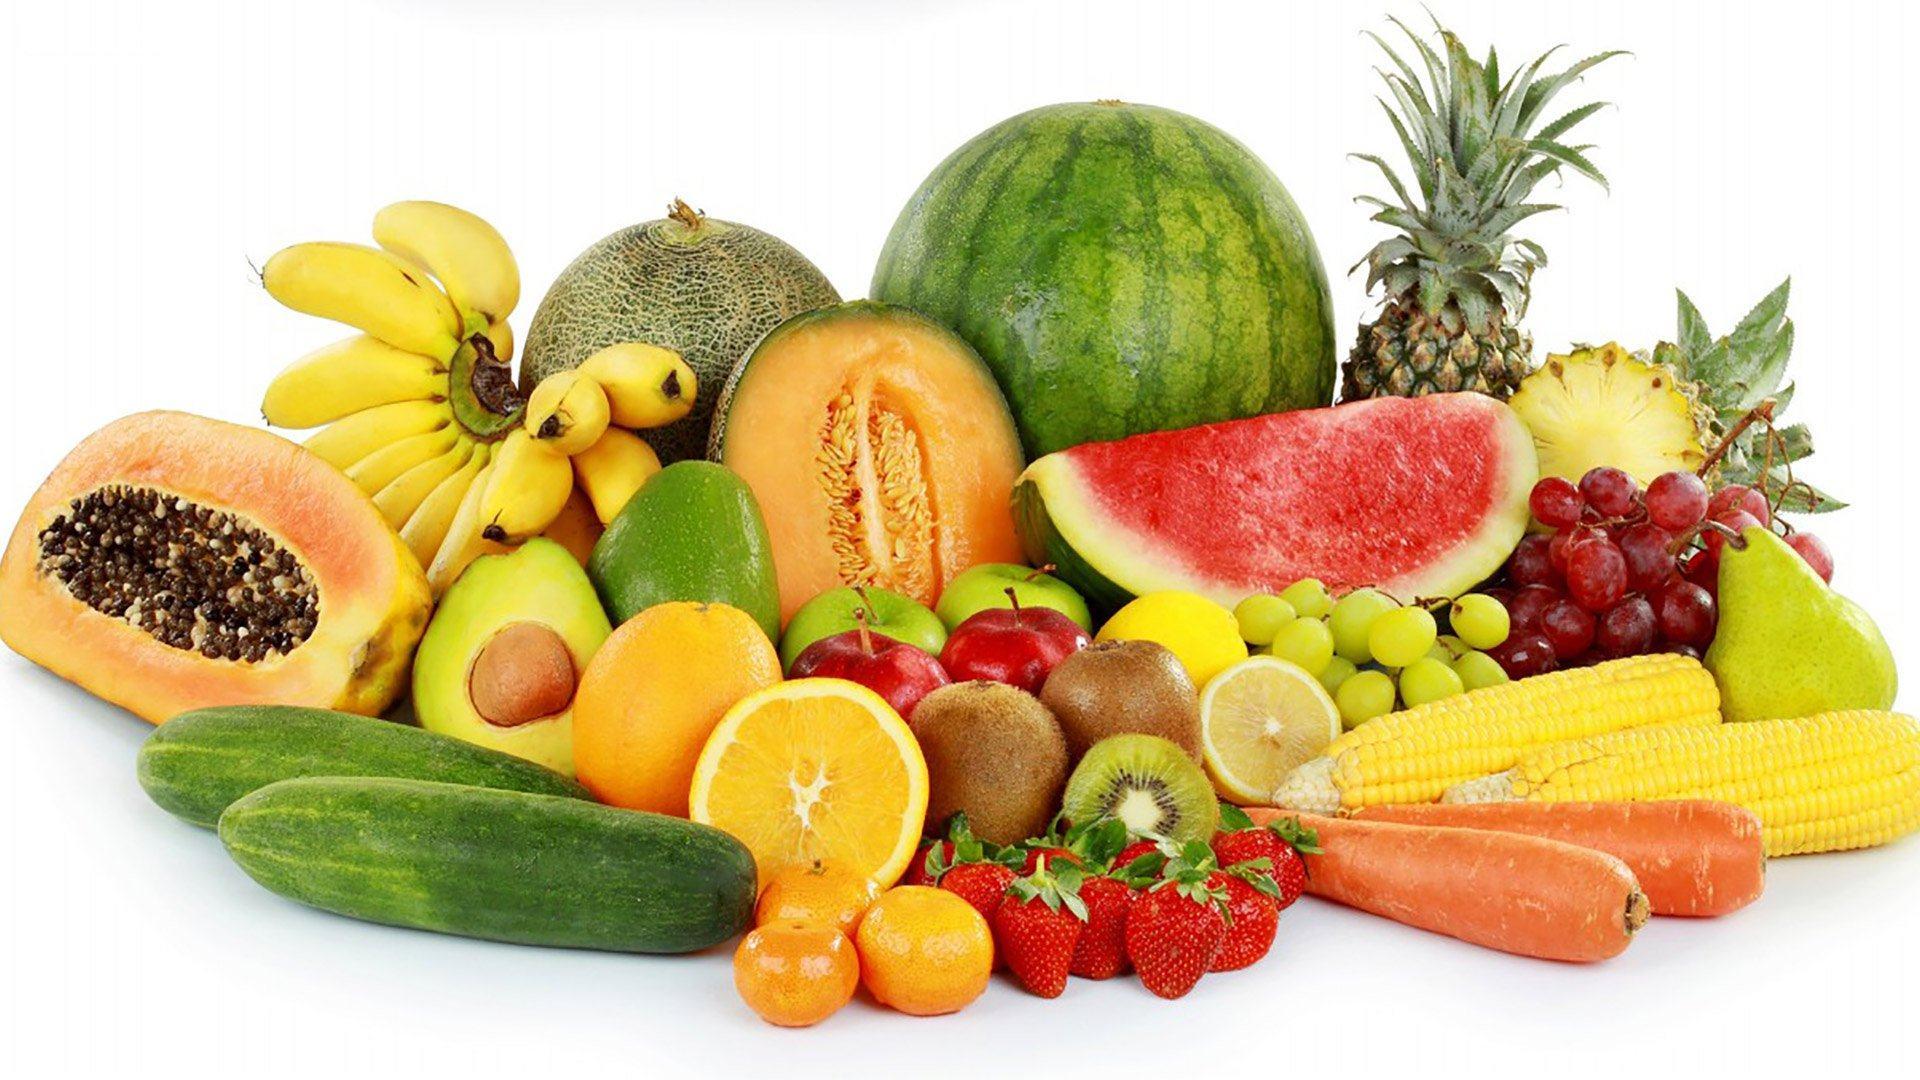 Cửa hàng trái cây sạch TPHCM uy tín